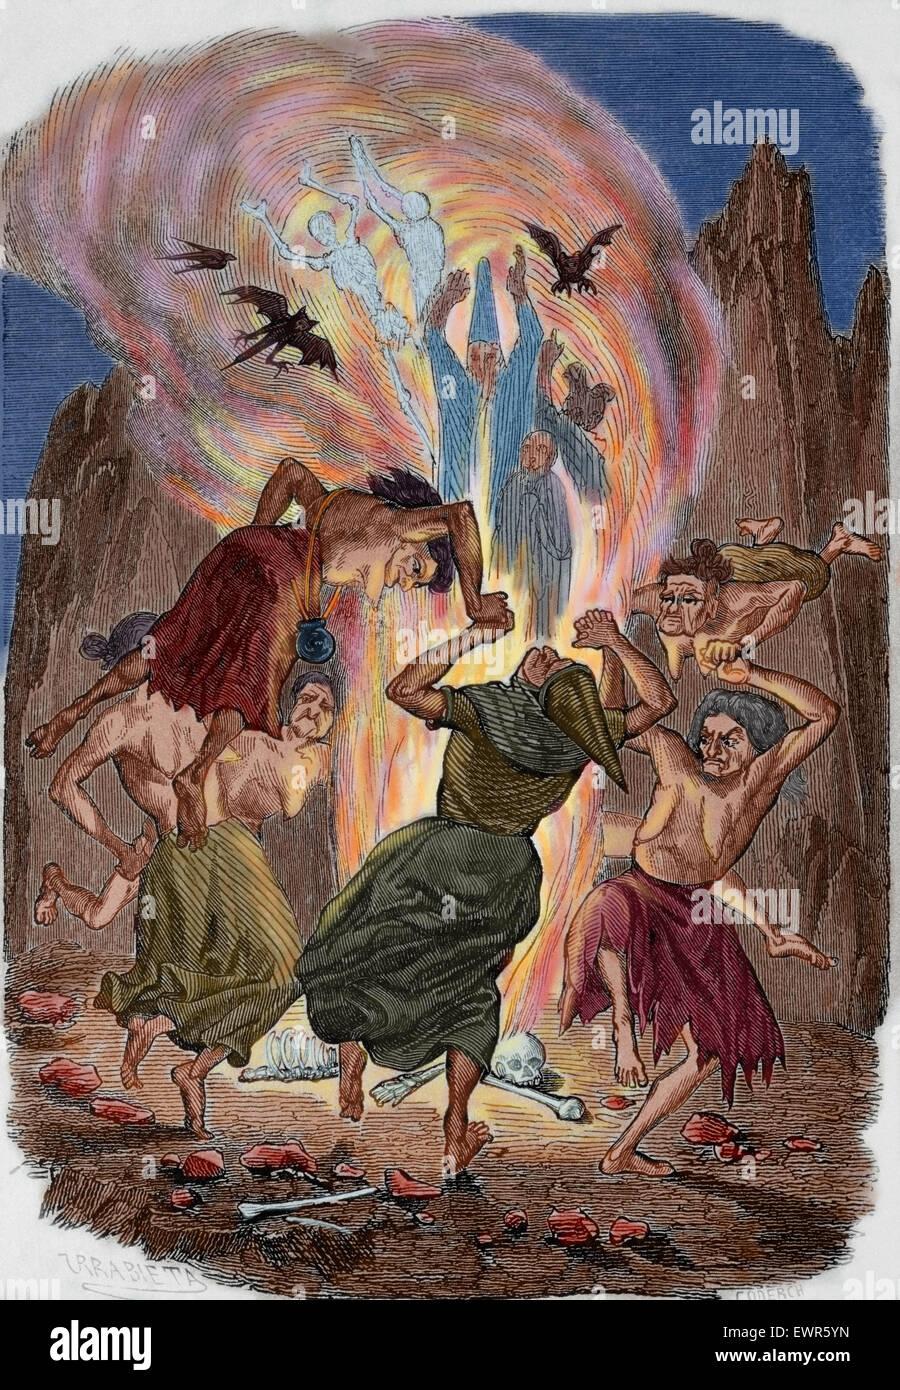 Wenceslao Ayguals de Izco (1801-1875). Lo scrittore spagnolo. Ricchi e poveri o la strega di Madrid. 1849. Illustrazione Immagini Stock